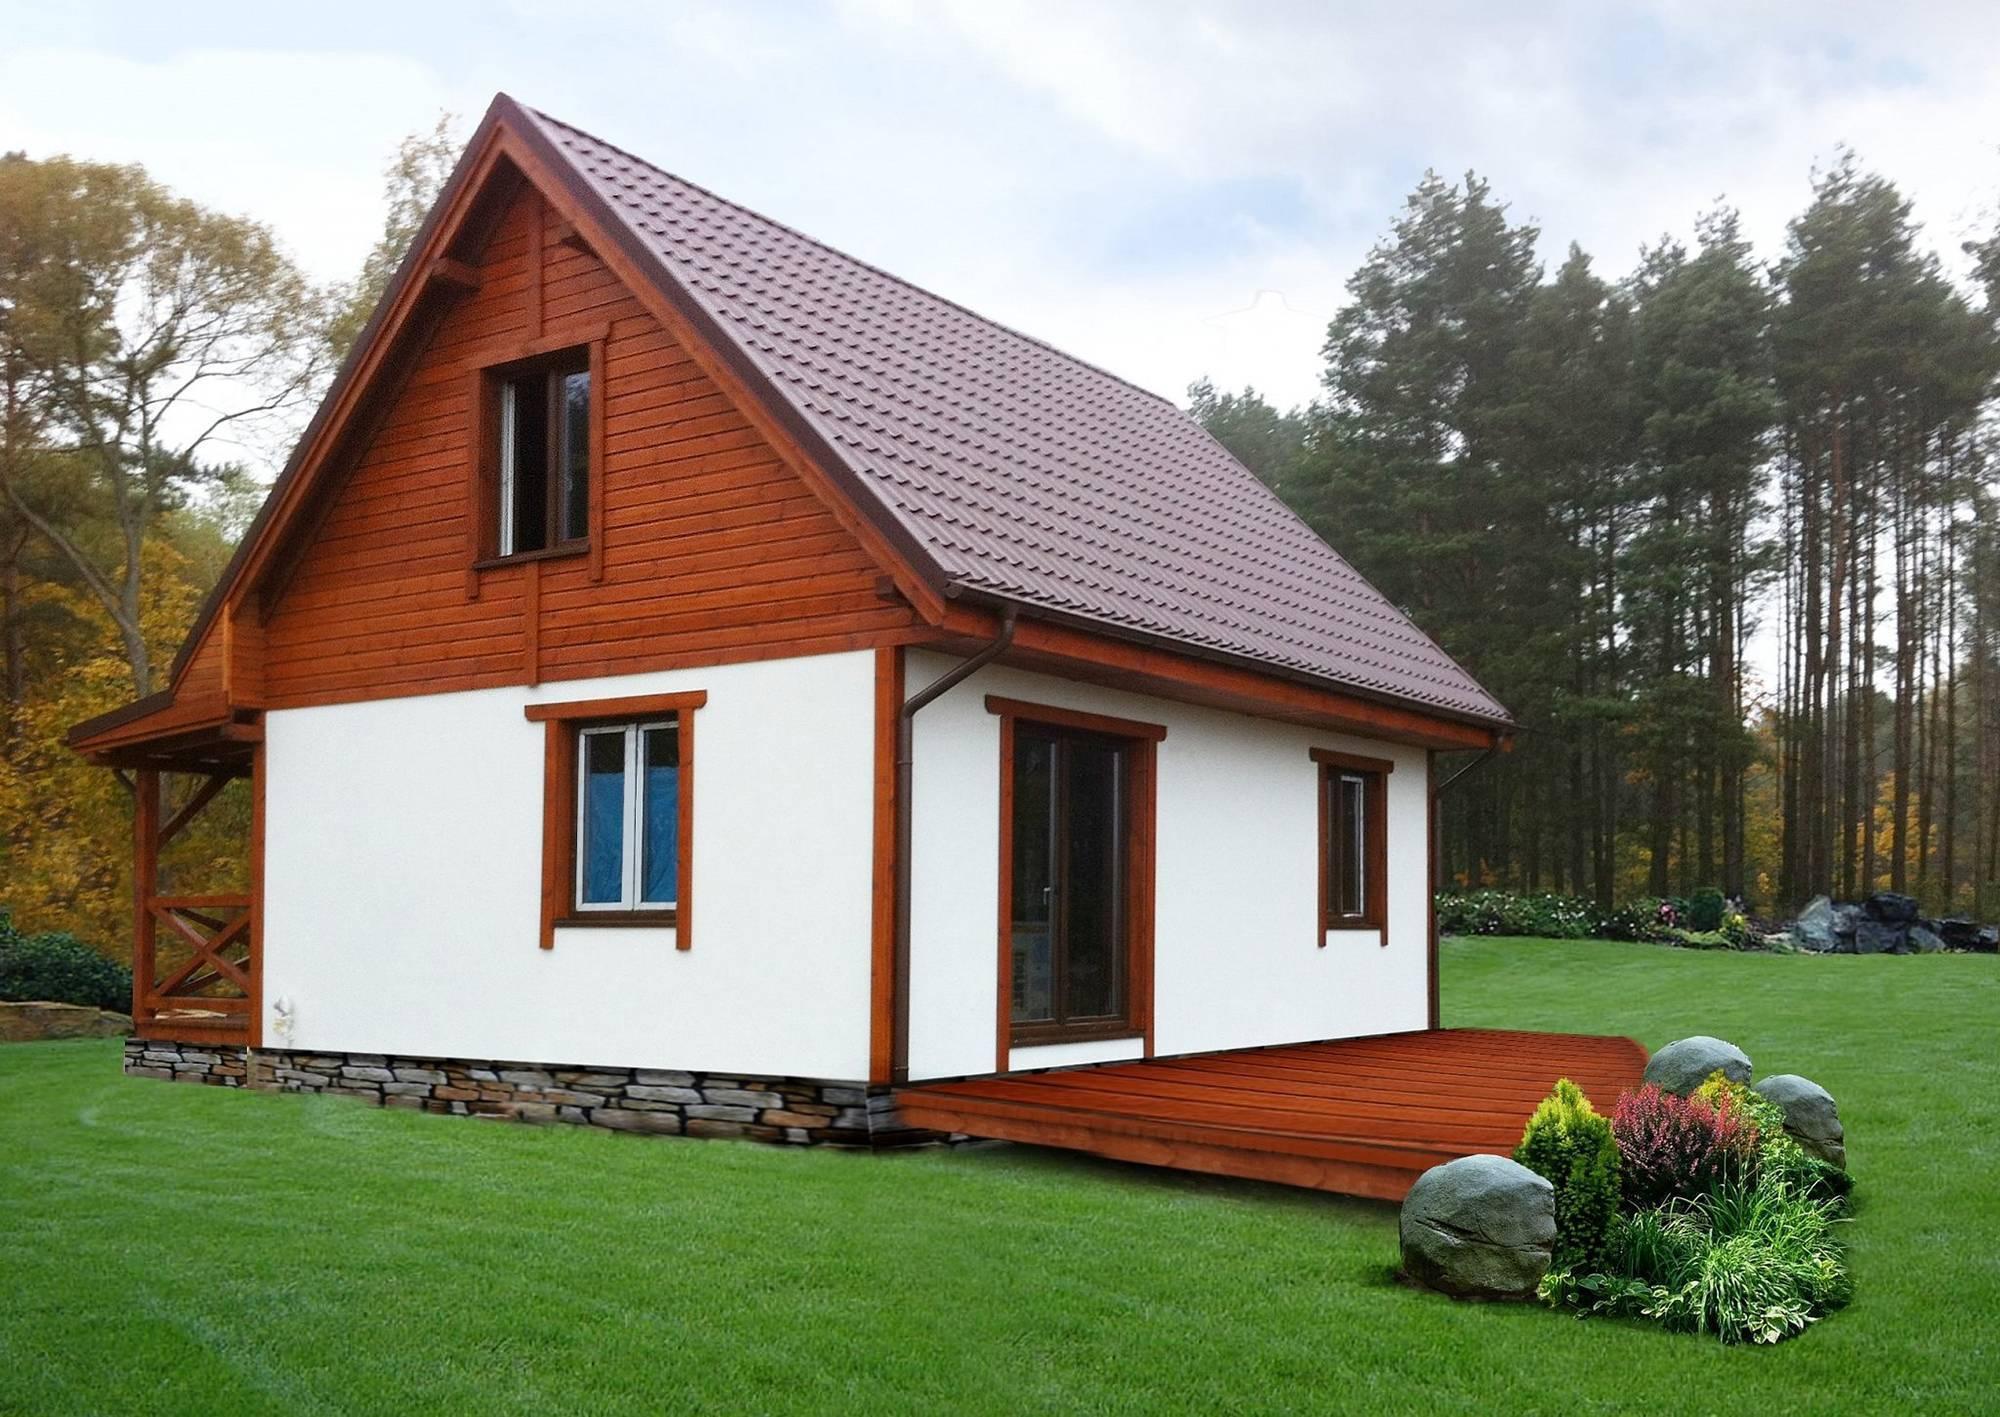 Маленькие дома — 95 фото идей общего стиля, идеи интерьера и особенности современного экстерьера